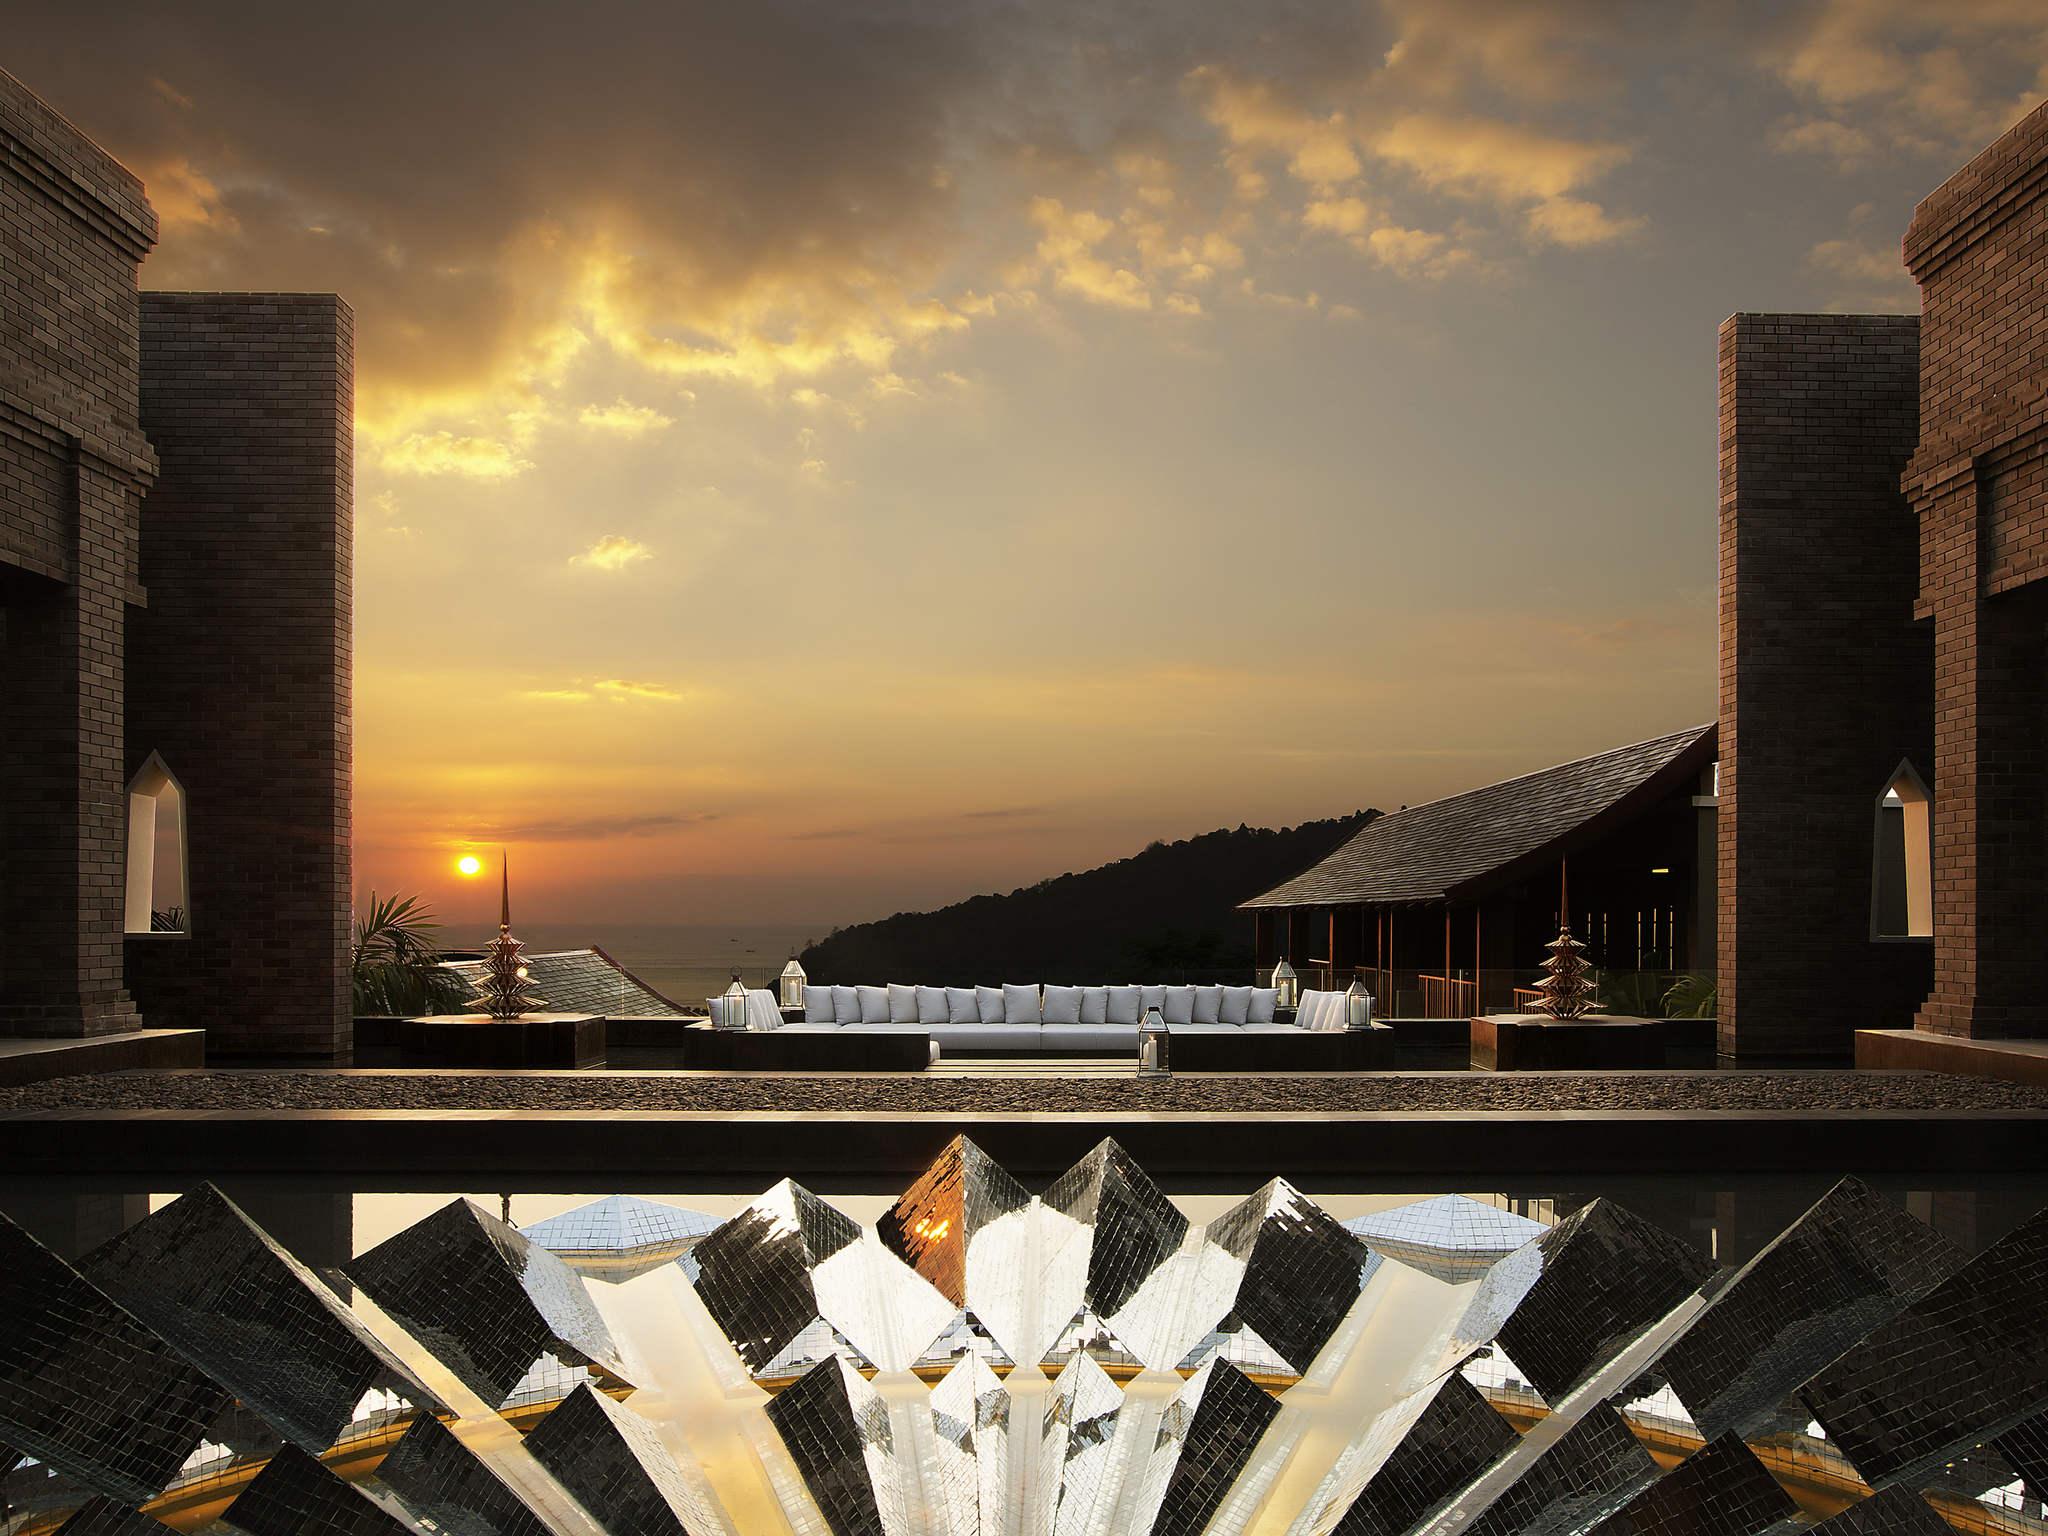 โรงแรม – อวิสต้า ไฮด์อเวย์ ภูเก็ต ป่าตอง - เอ็มแกลเลอรี บาย โซฟิเทล